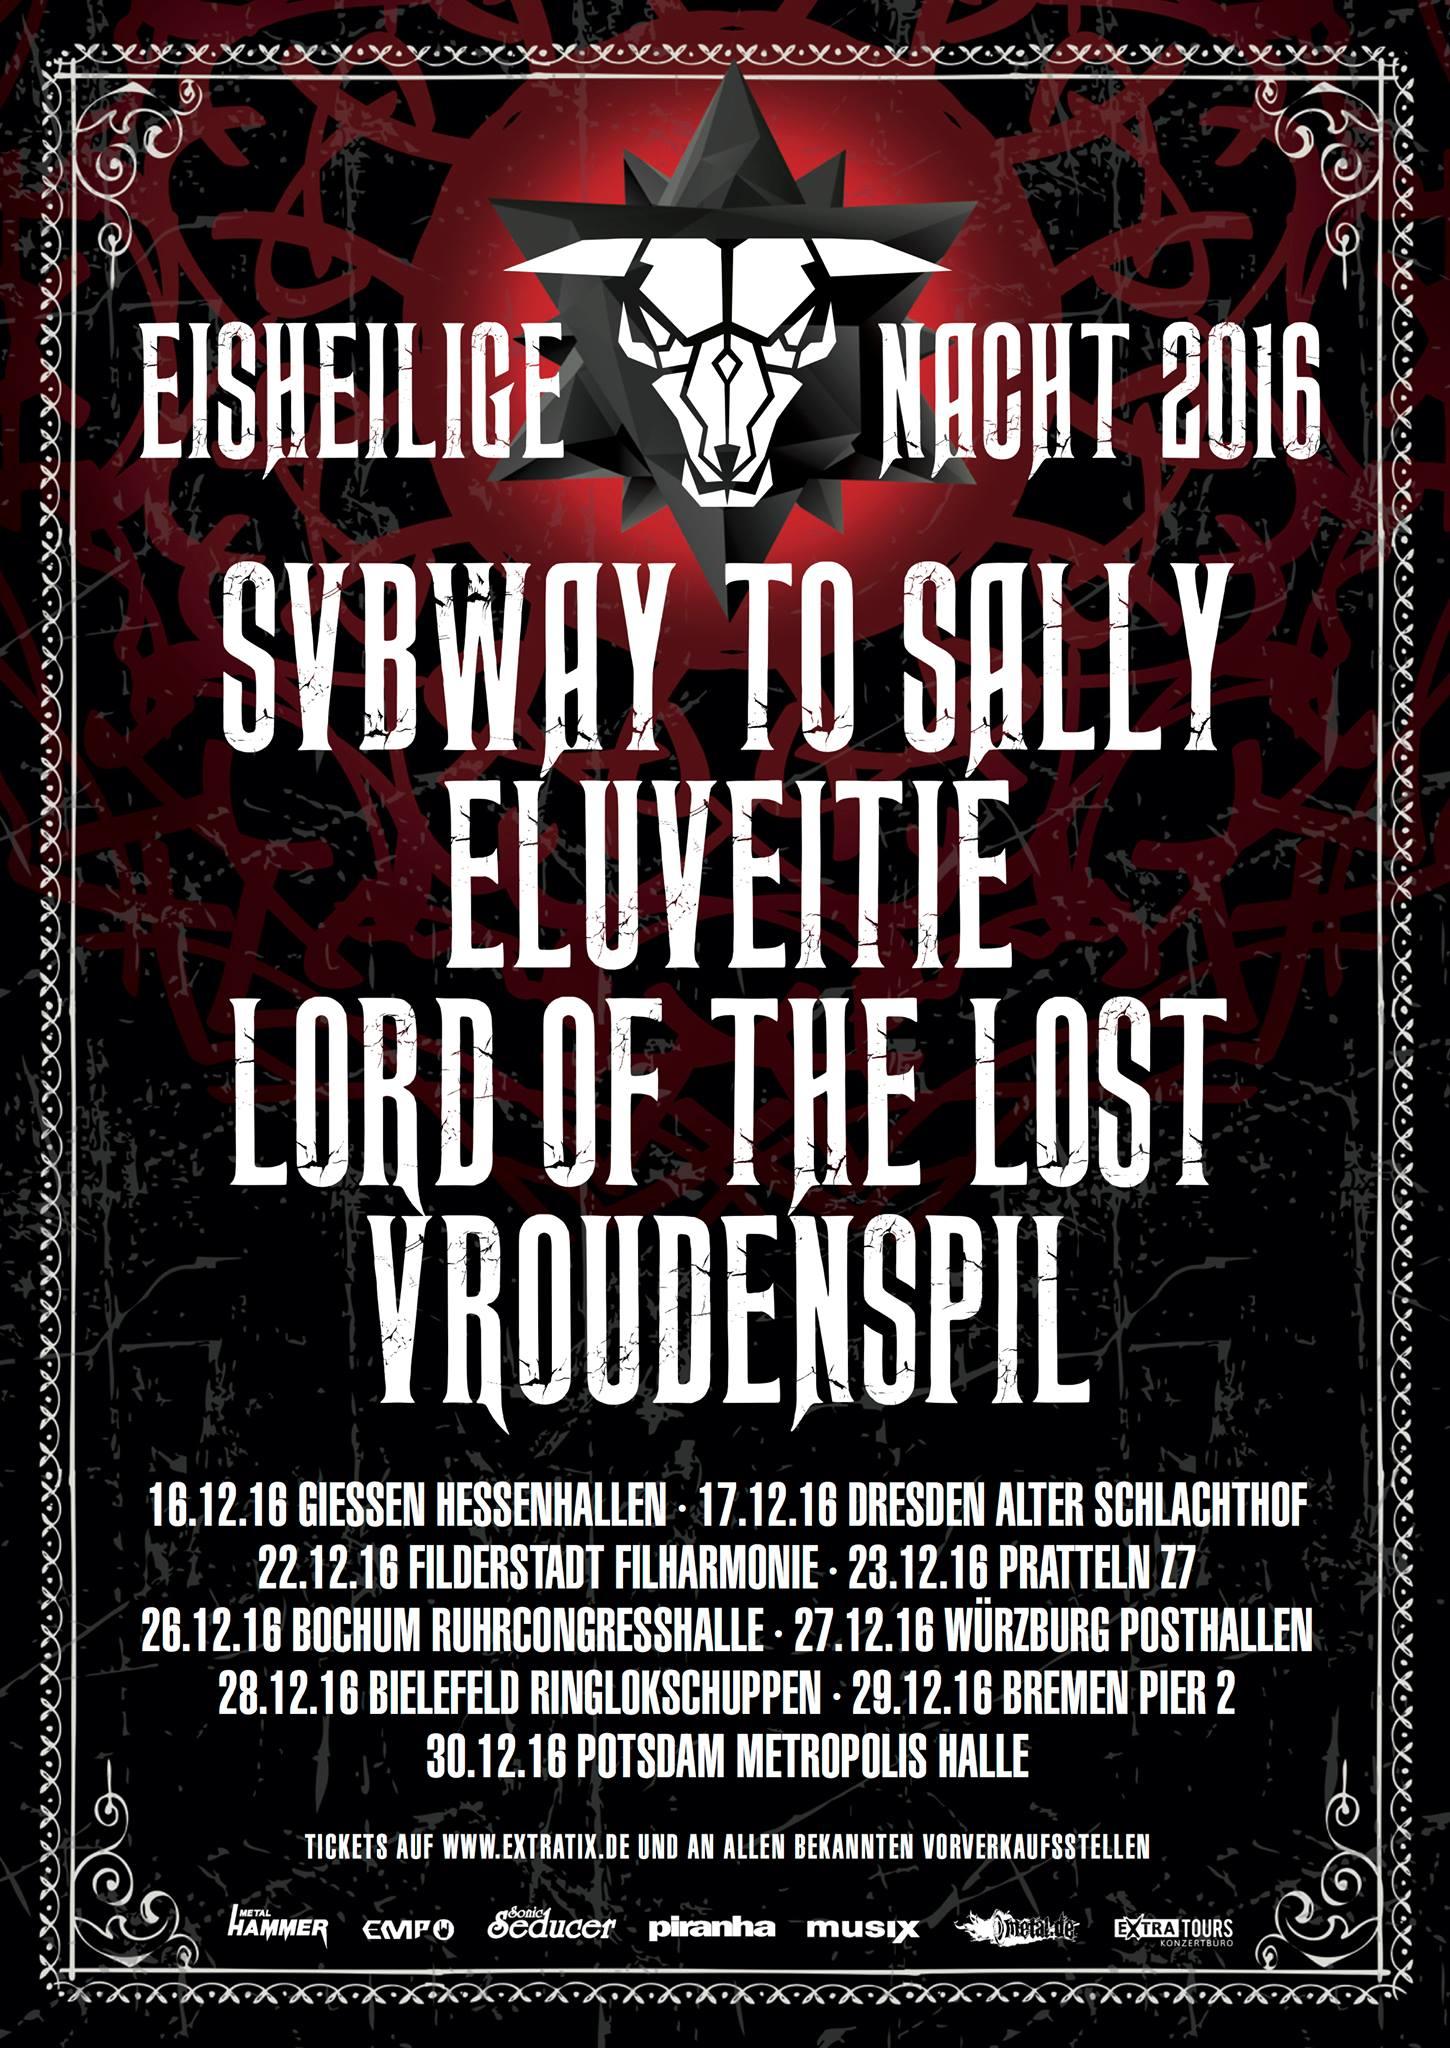 eisheilige-nacht-2016